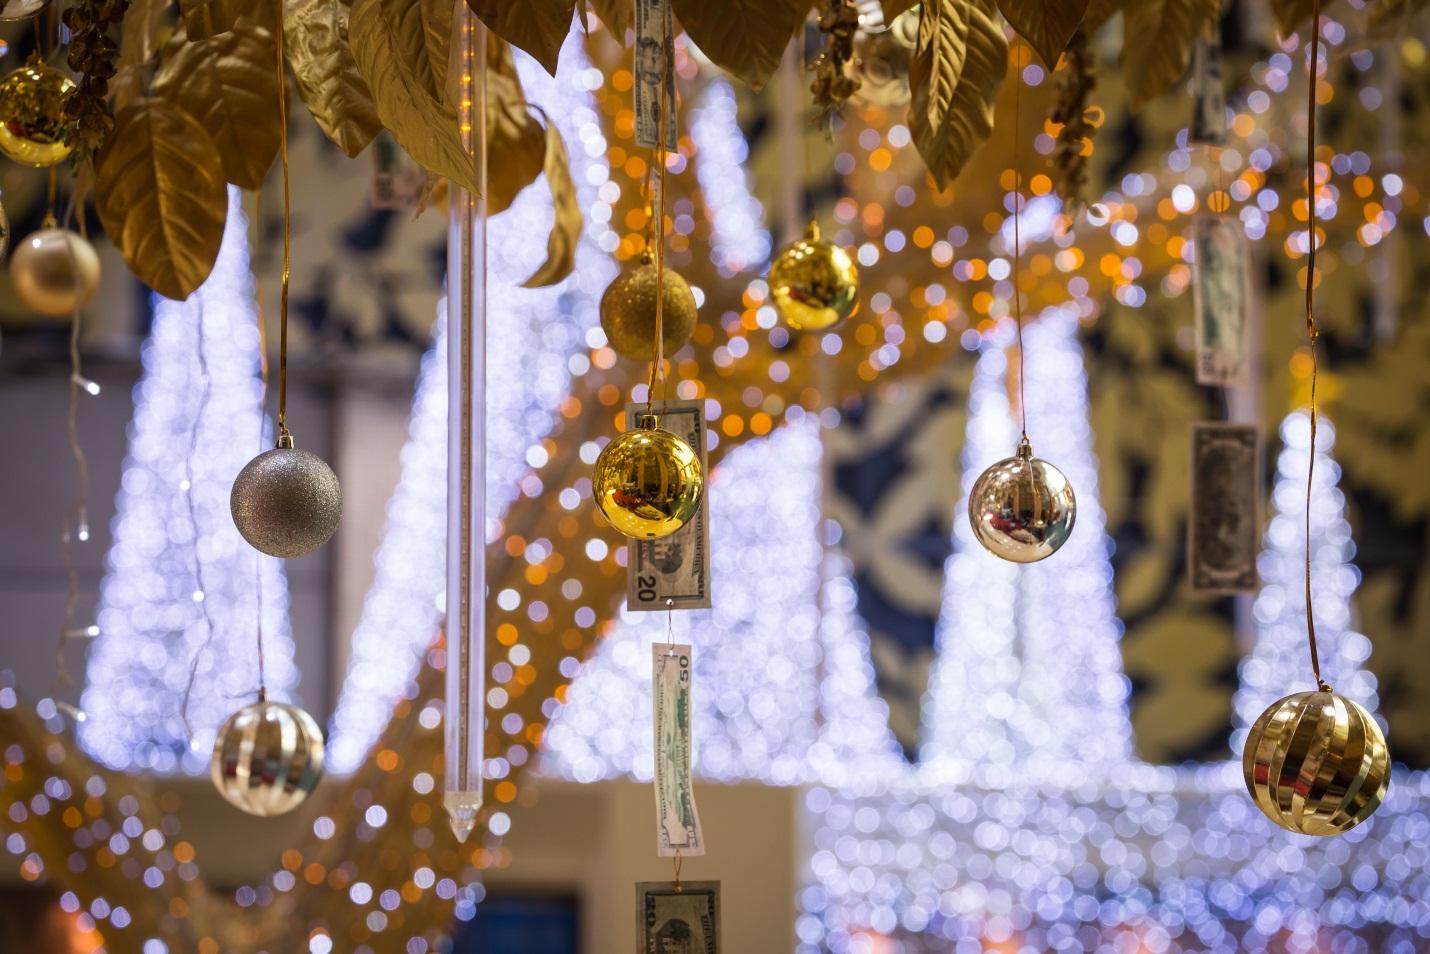 Tận hưởng Giáng sinh tưng bừng ở NagaWorld